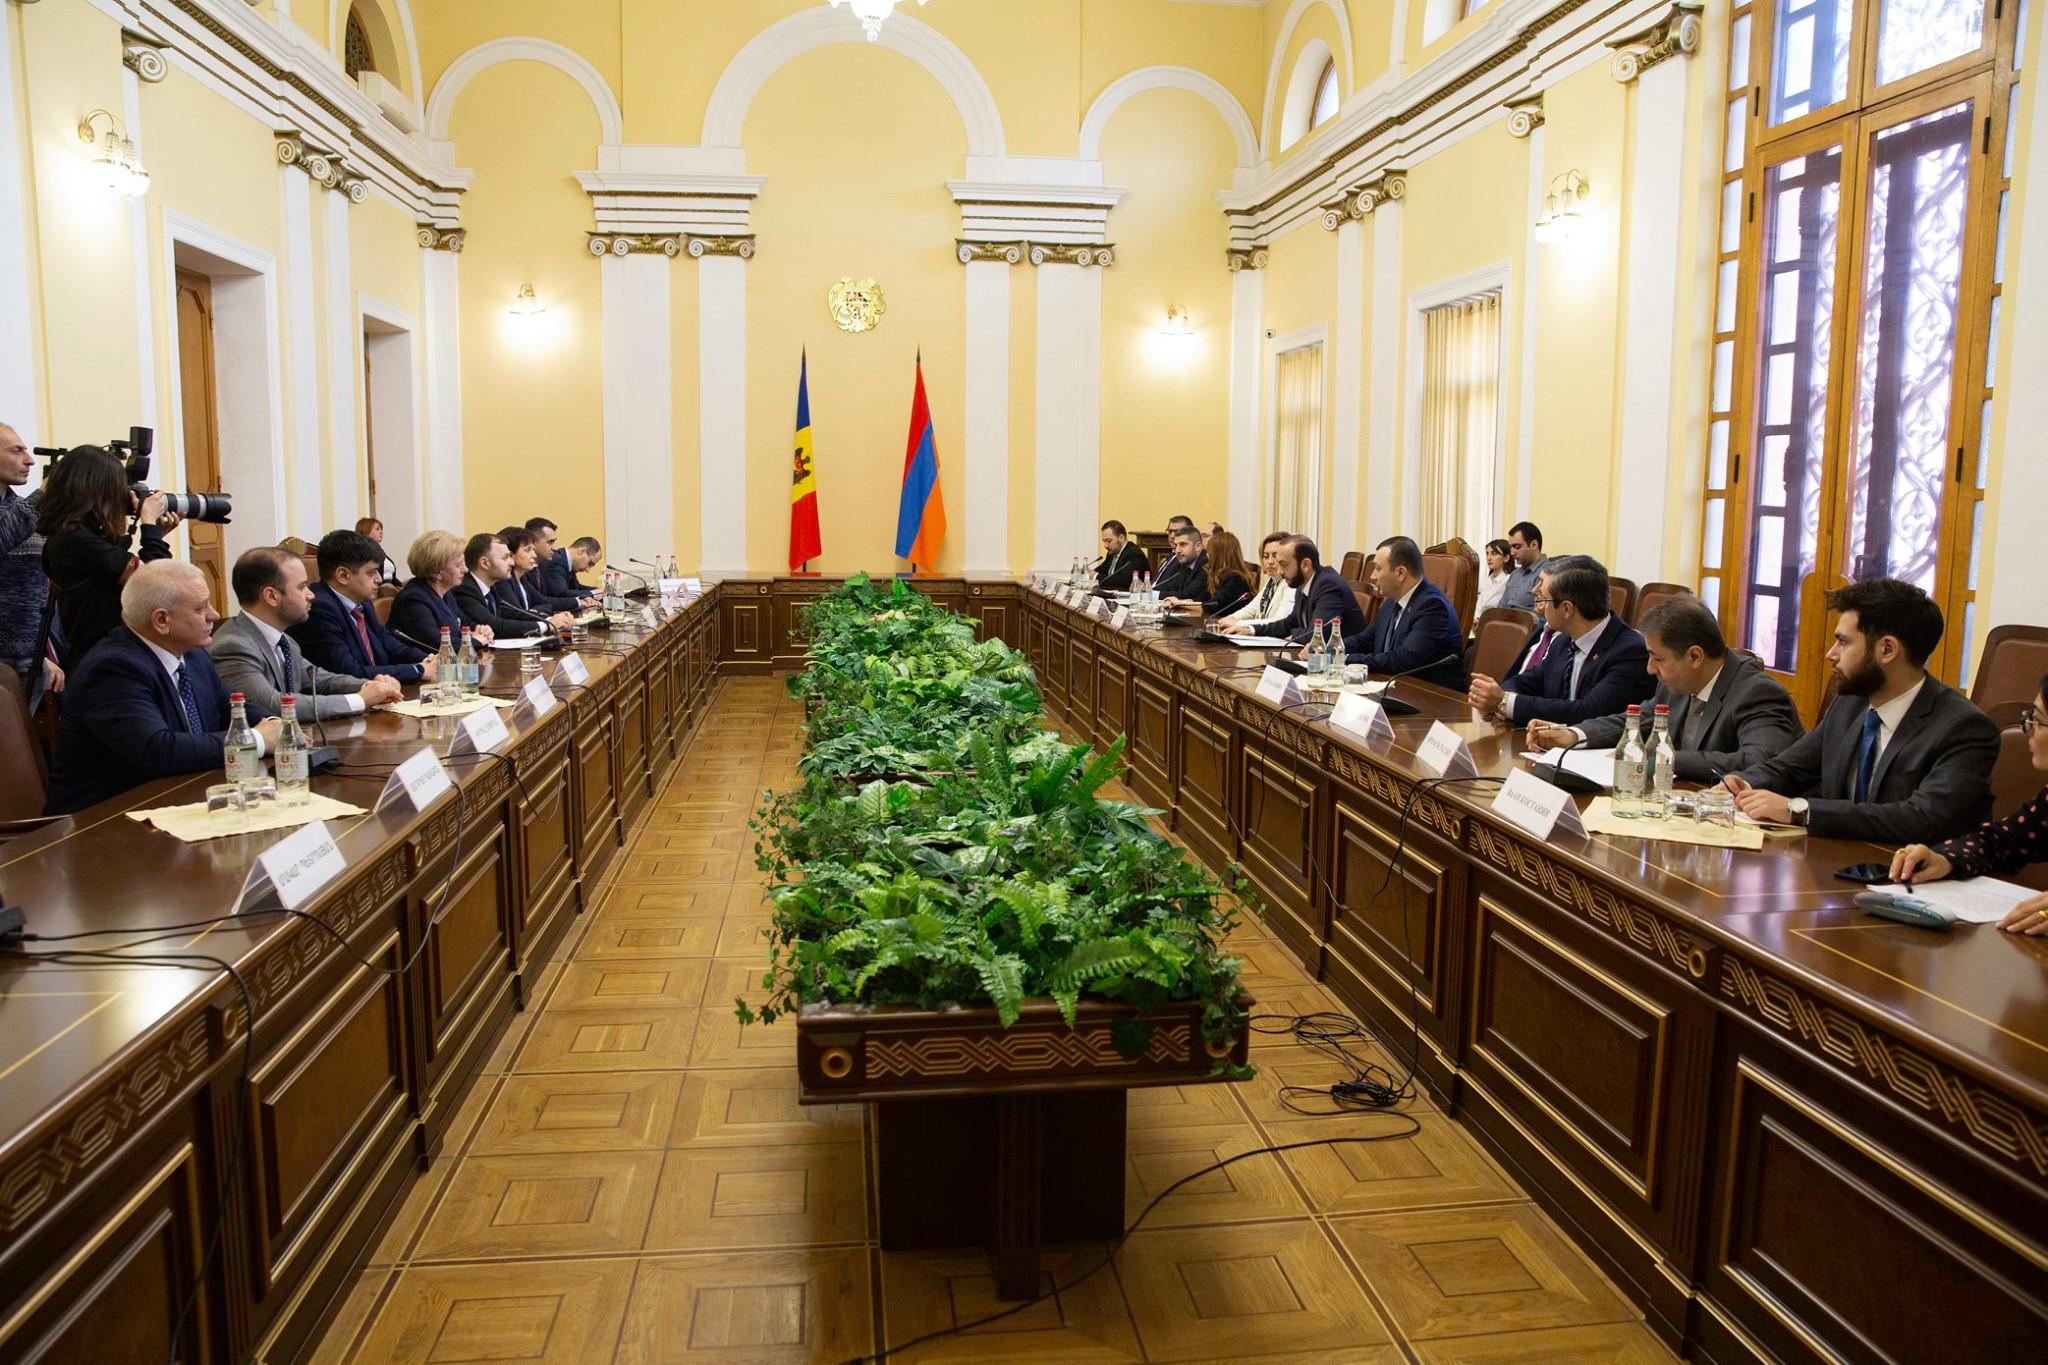 Группа дружбы с Молдовой Национального собрания Армении приглашена с визитом в Кишинев (ФОТО)